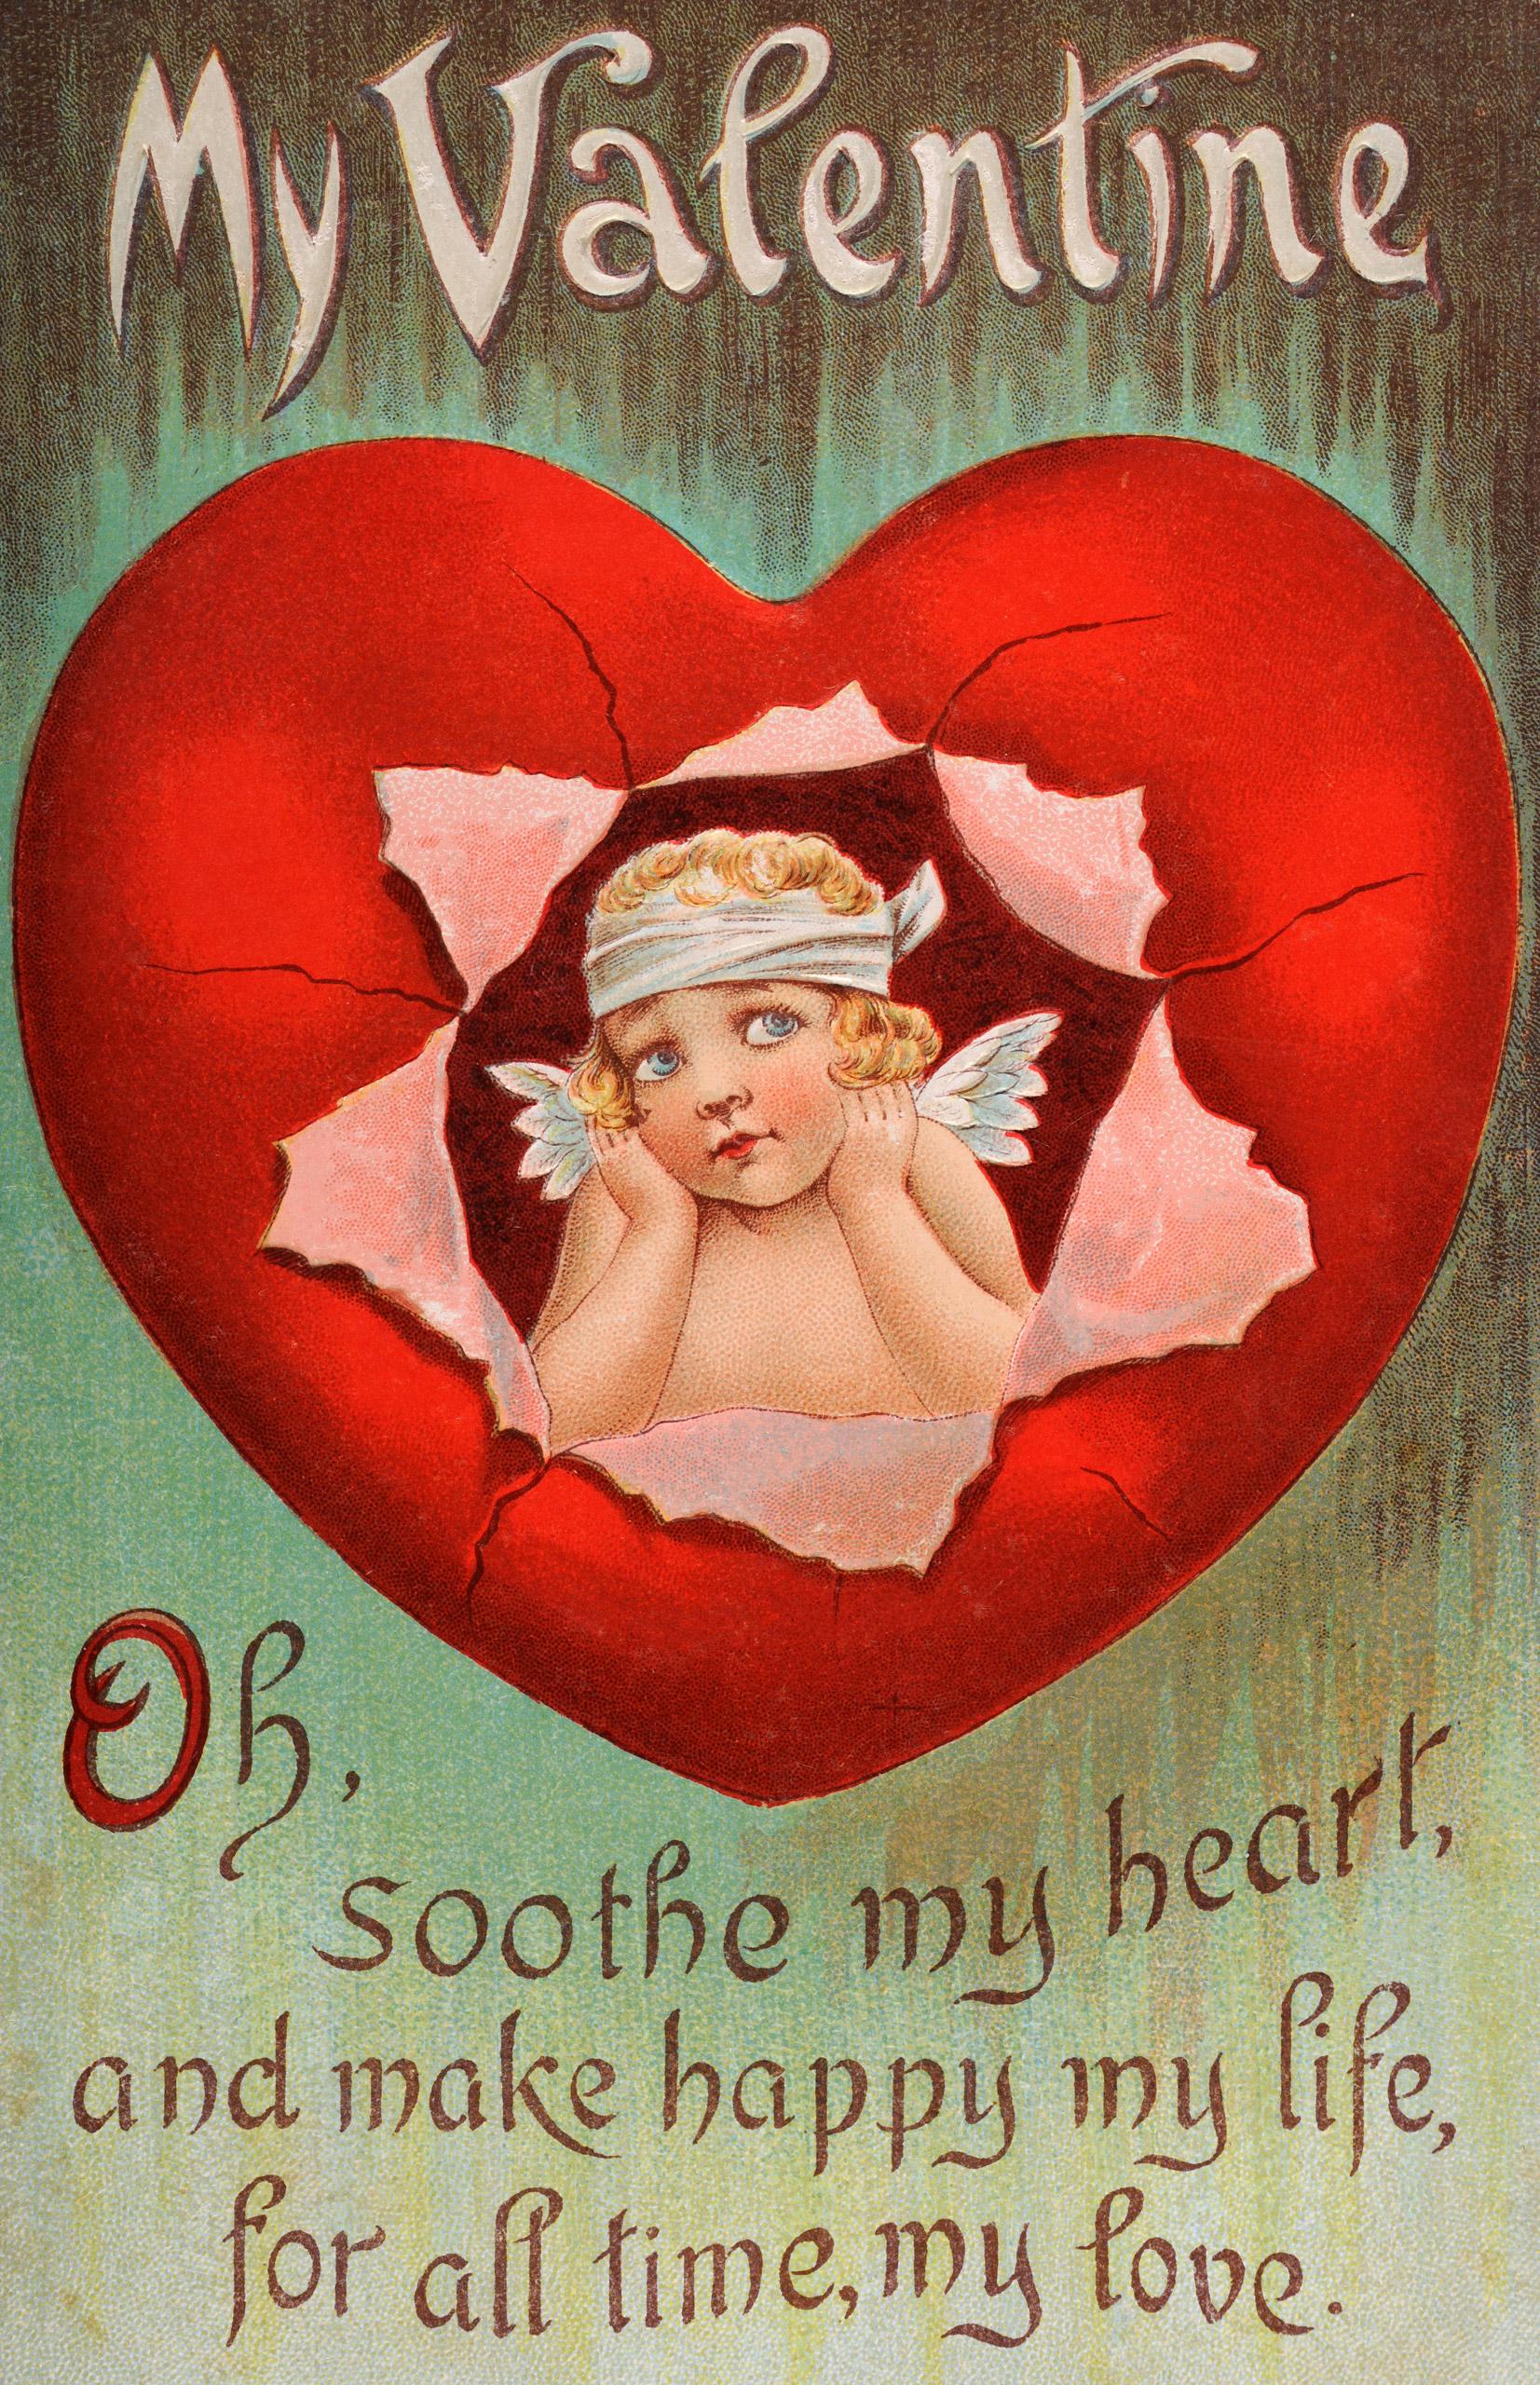 Vintage Valentine's Day card circa 1900.